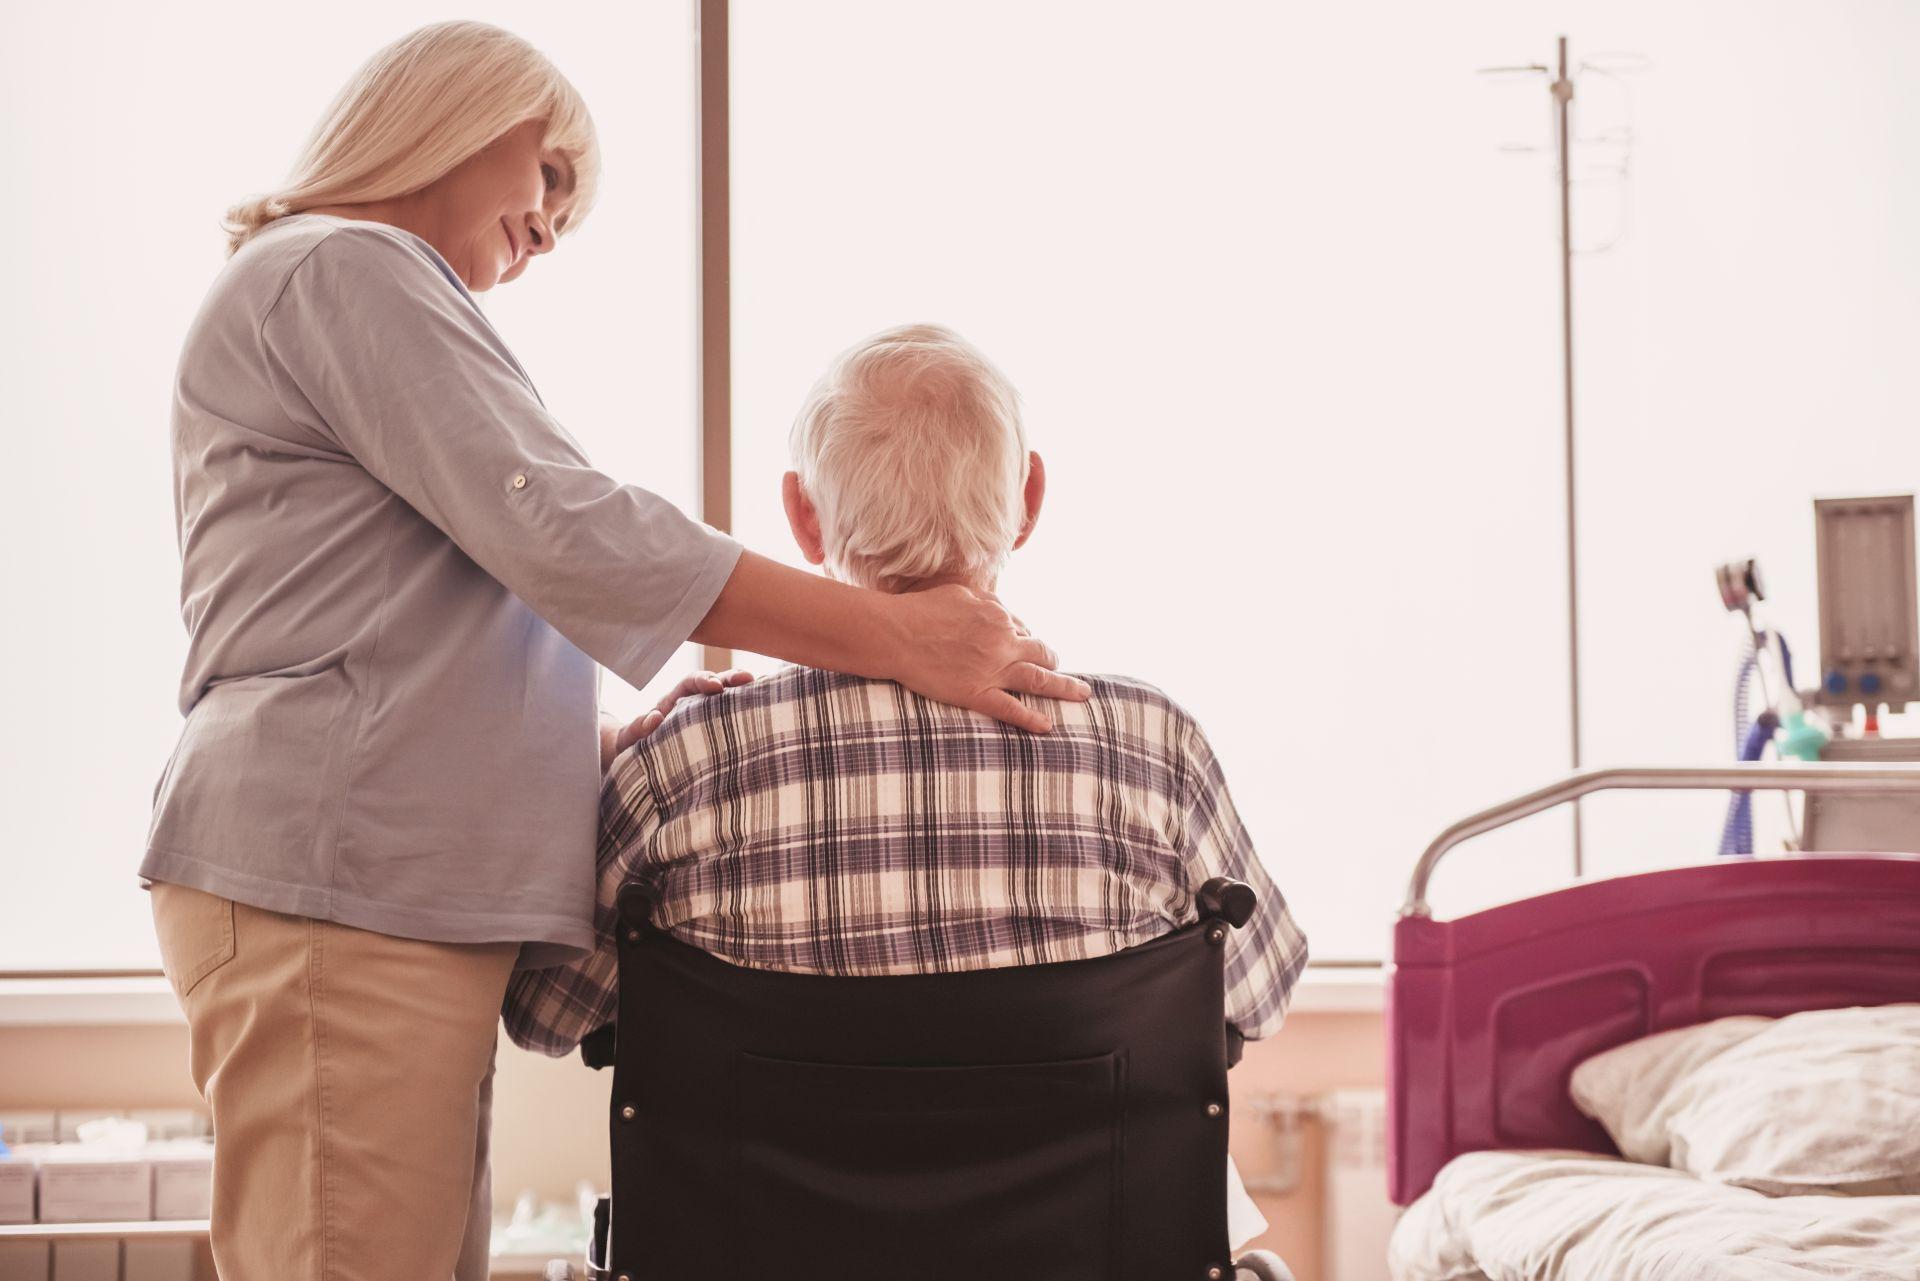 Rehabilitacja i opieka bliskich pomaga niwelować skutki udaru mózgu i wdrażać profilaktykę nadciśnienia tętniczego